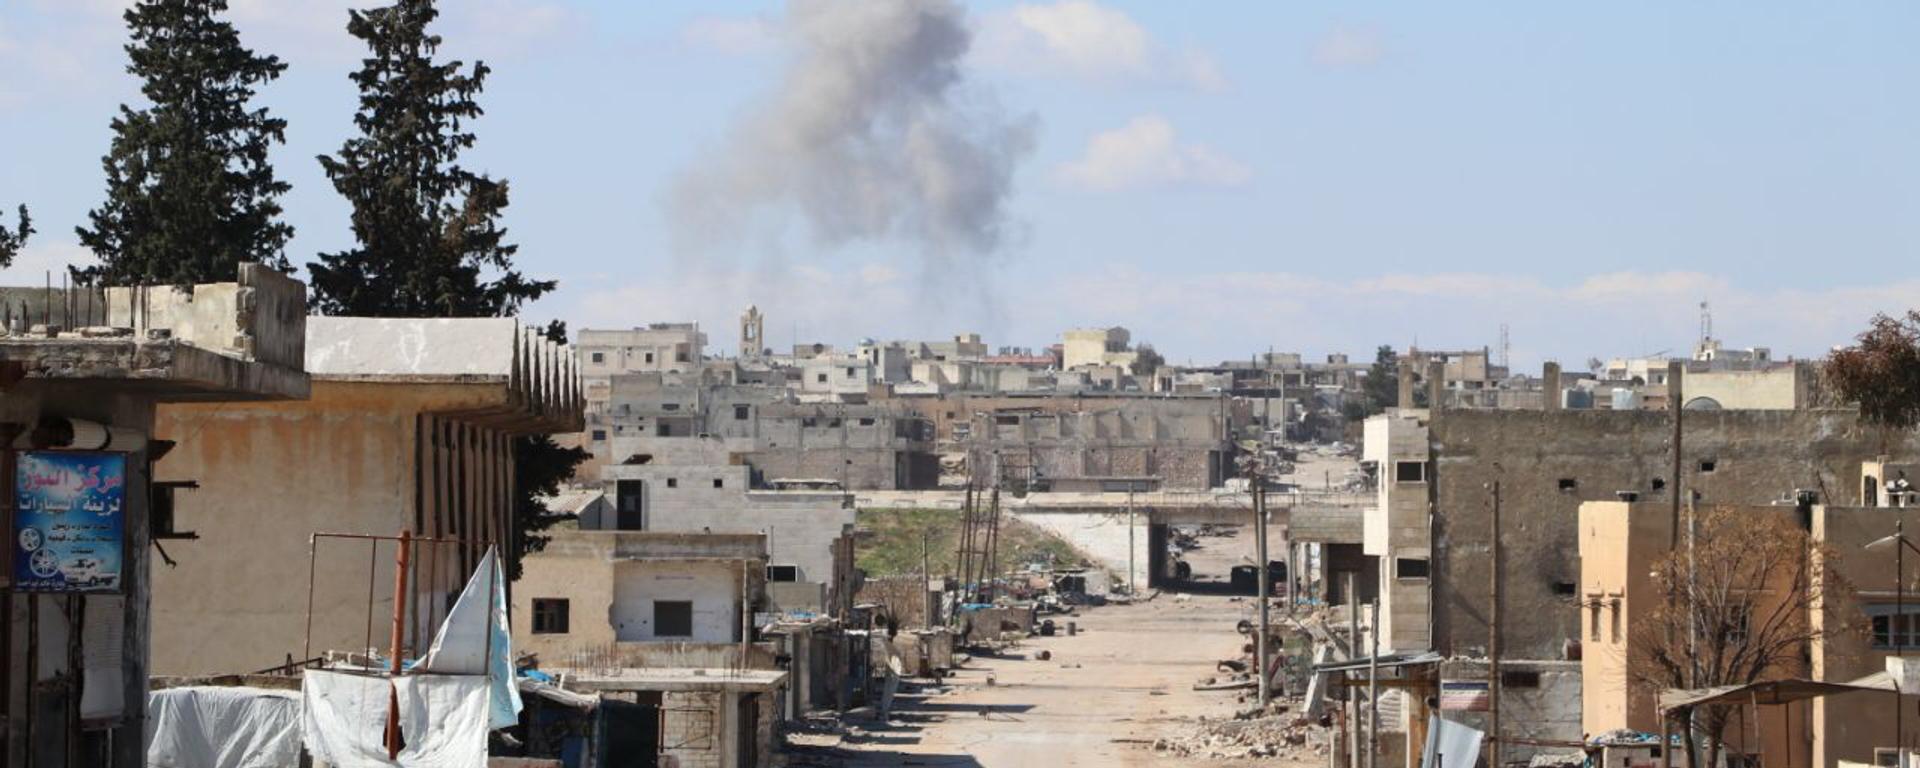 Καπνός στην πόλη Σαρακίμπ, στην επαρχία Ιντλίμπ, στη Συρία - Sputnik Ελλάδα, 1920, 08.09.2021